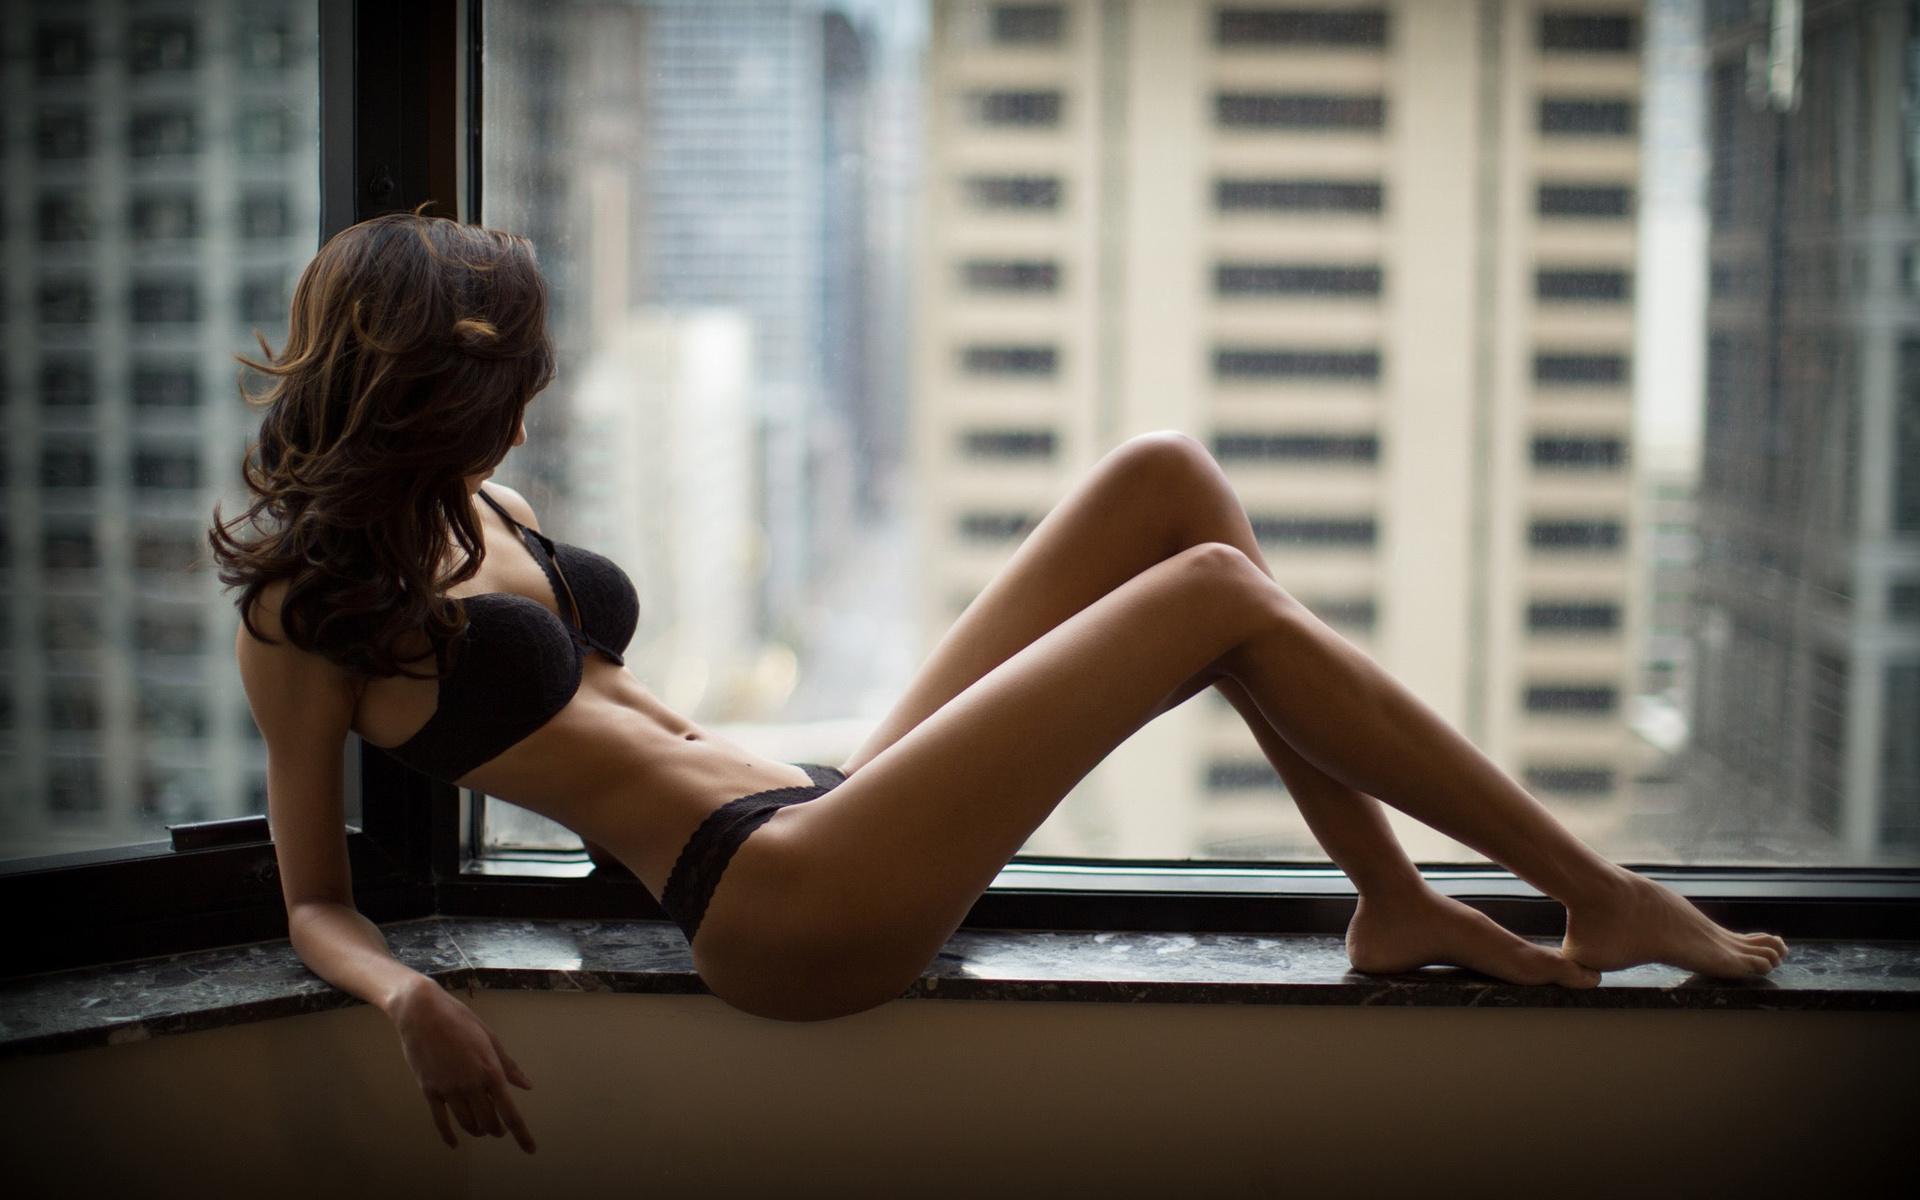 Фото костлявых девочек, Бикини-мостики худеньких девушек (23 фото) 1 фотография